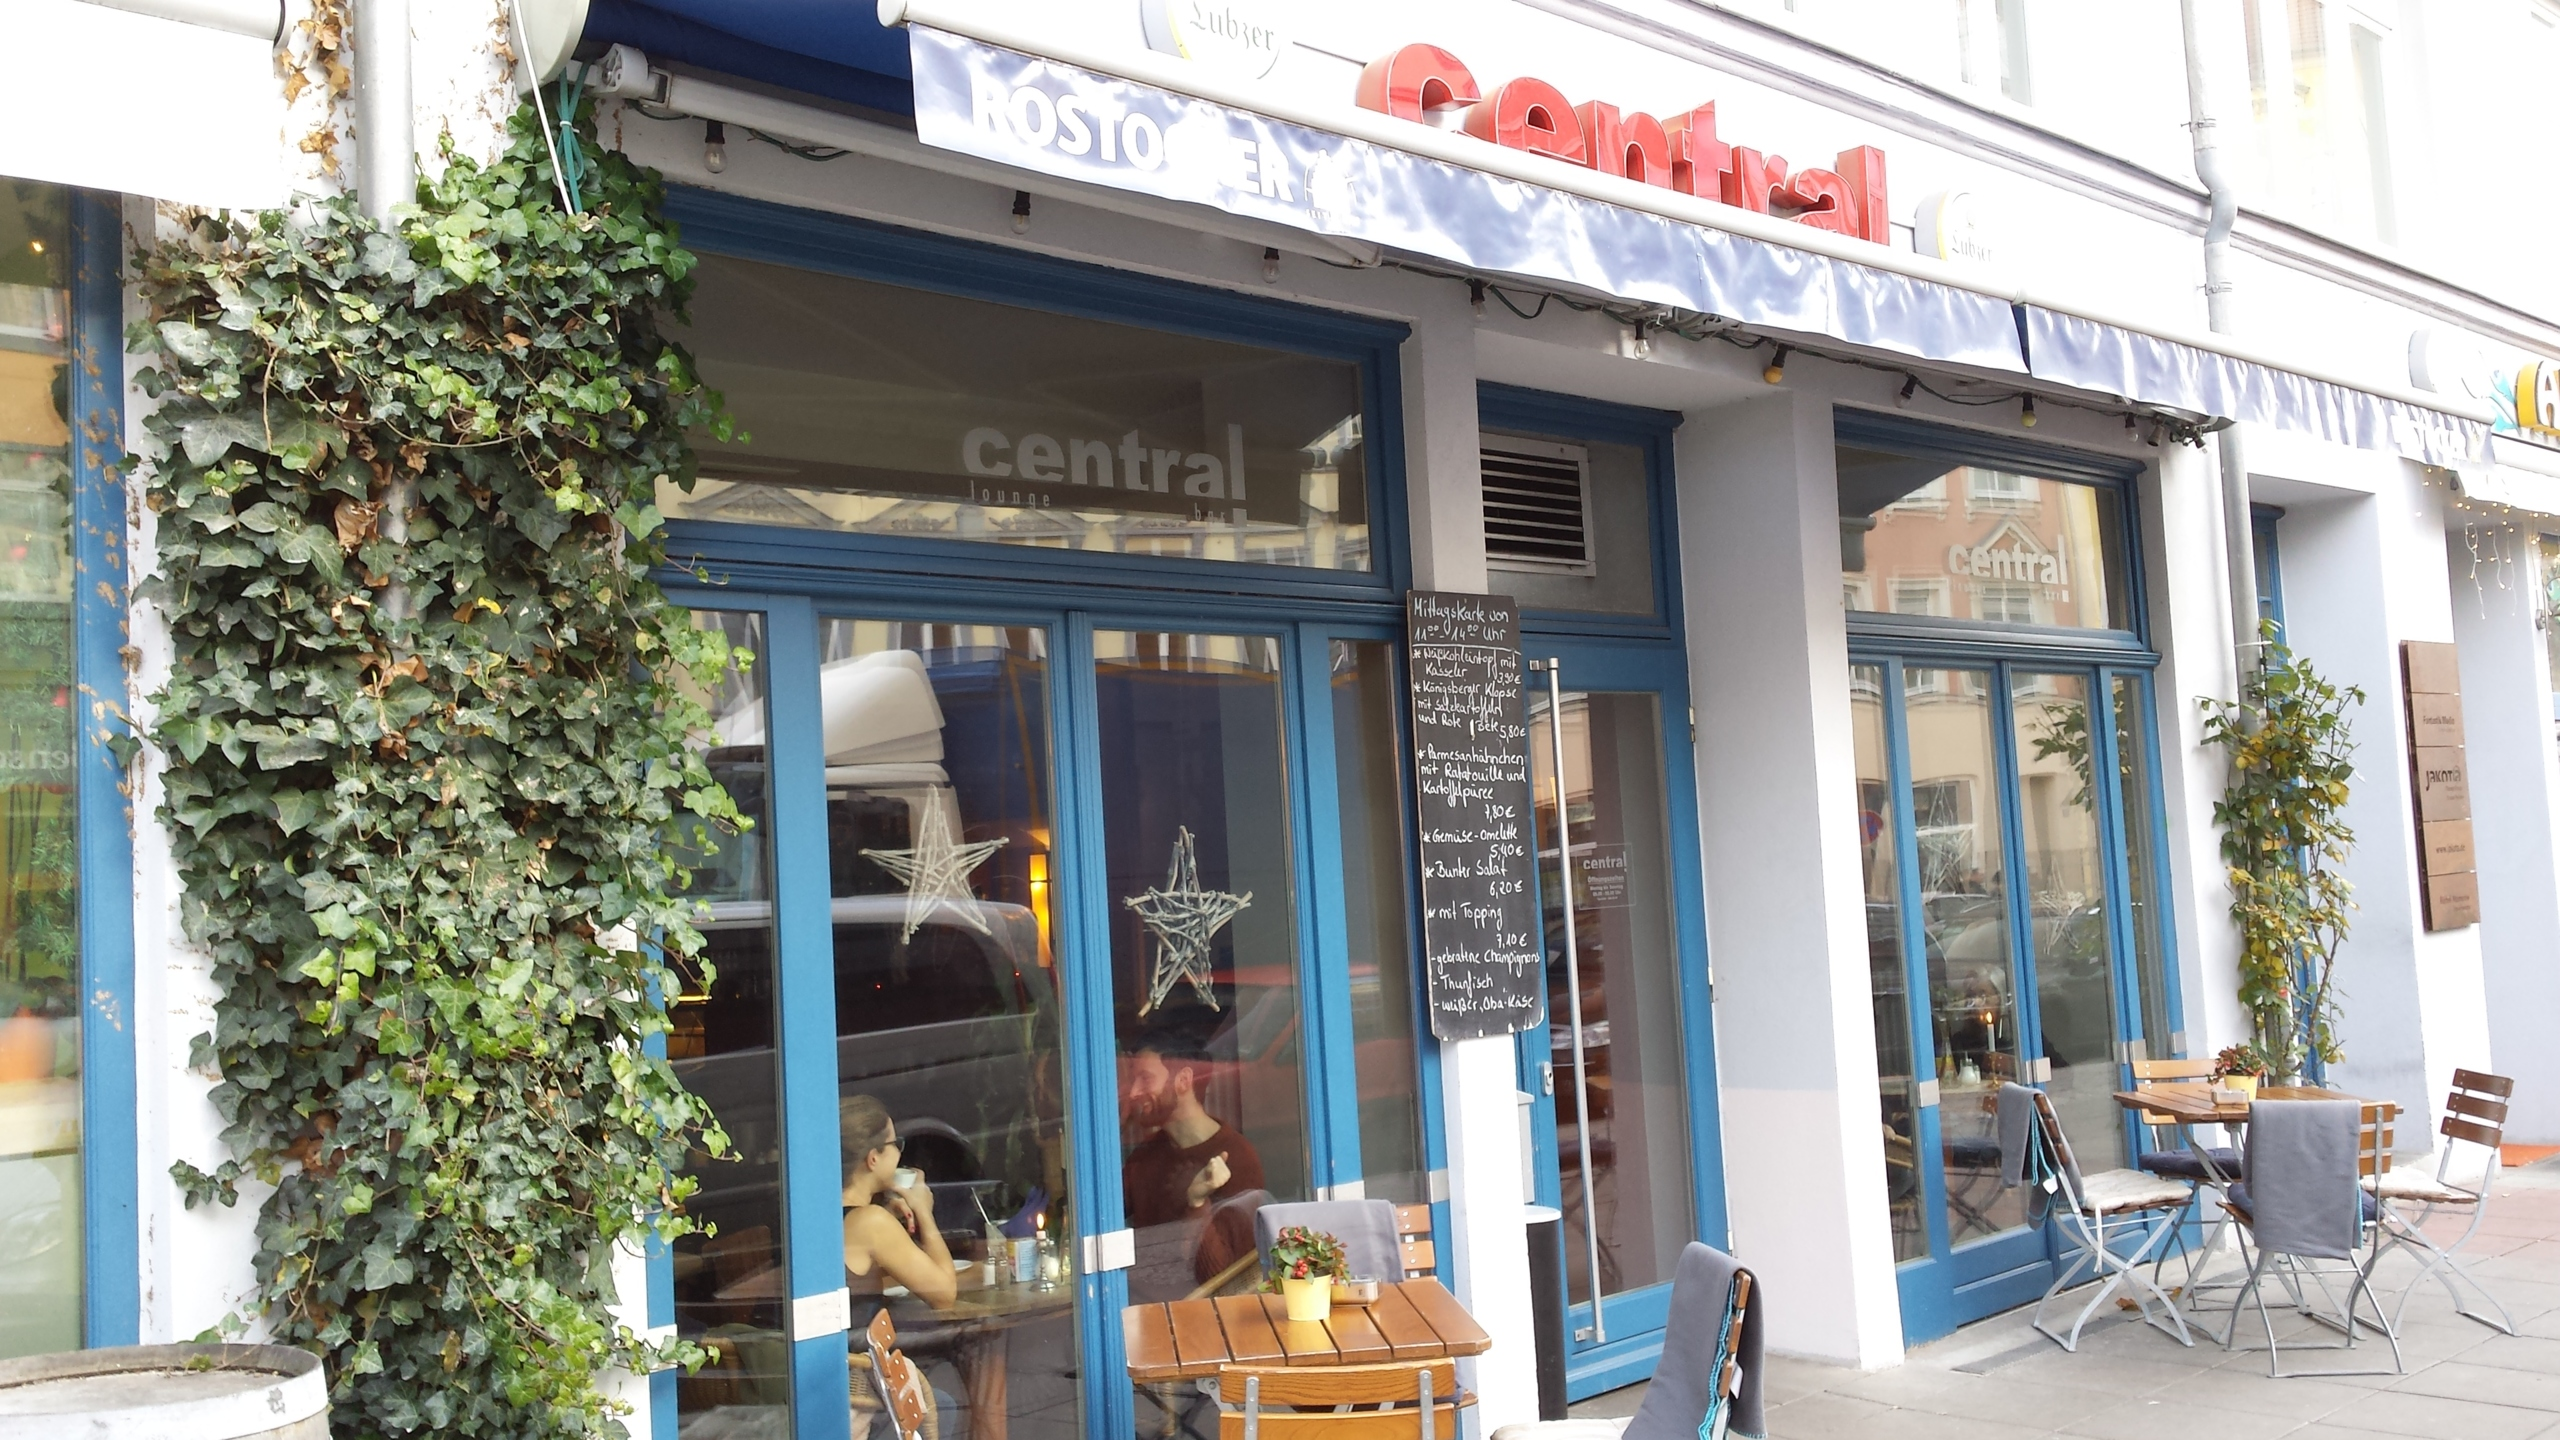 Cafe Central At  Ef Bf Bdffnungszeiten